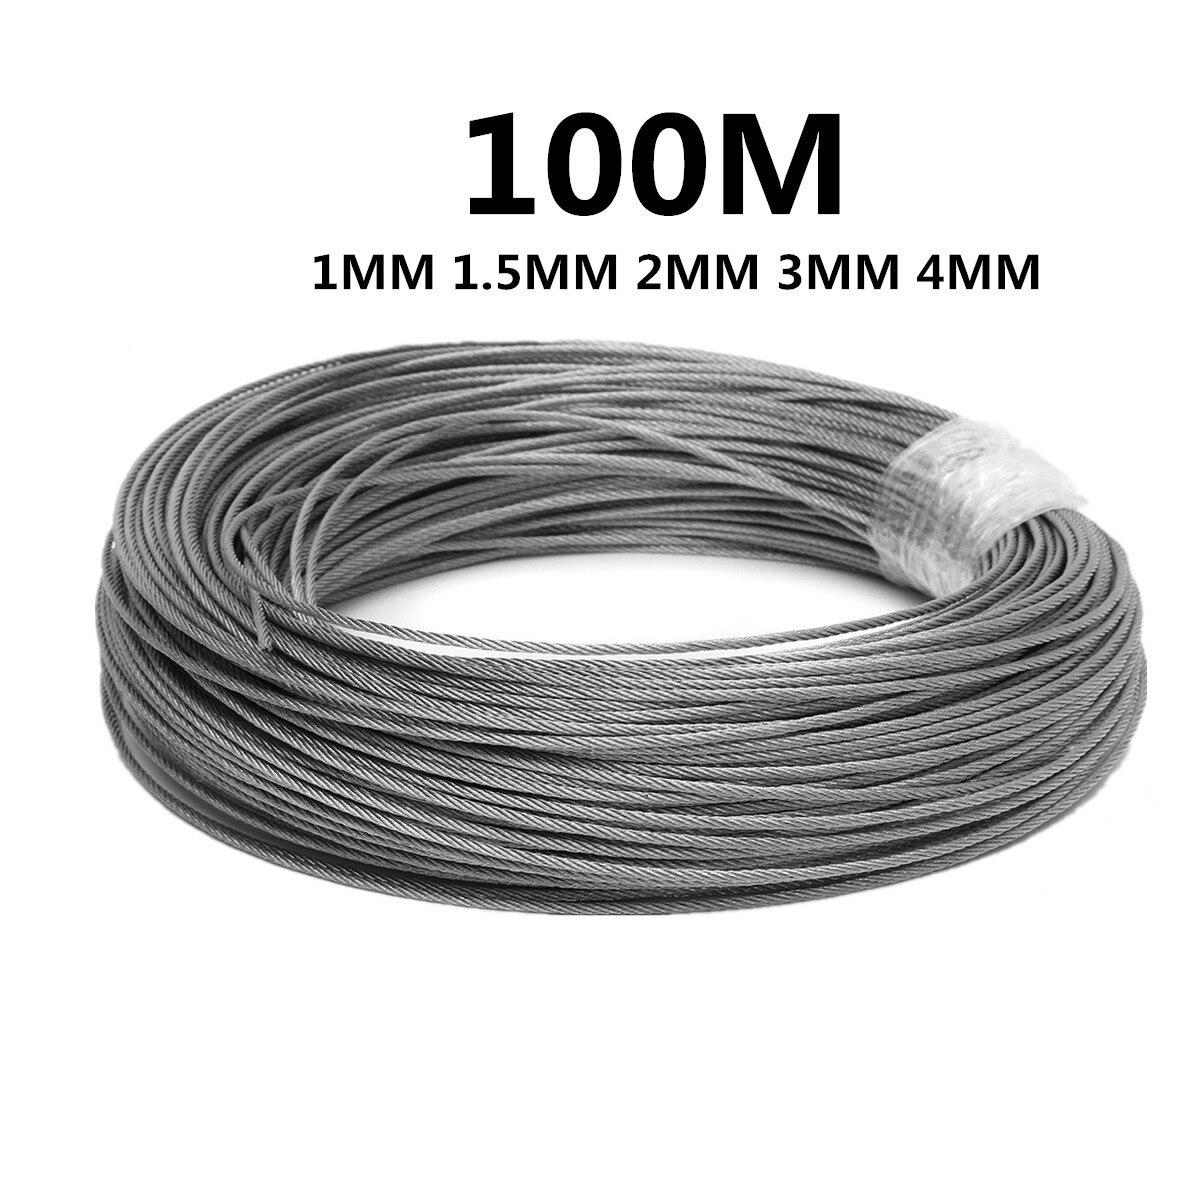 100M 50M304 Acero inoxidable 1mm 1,5mm 2mm diámetro alambre de acero cuerda desnuda Cable de elevación línea tendedero resistente a la corrosión 7X7